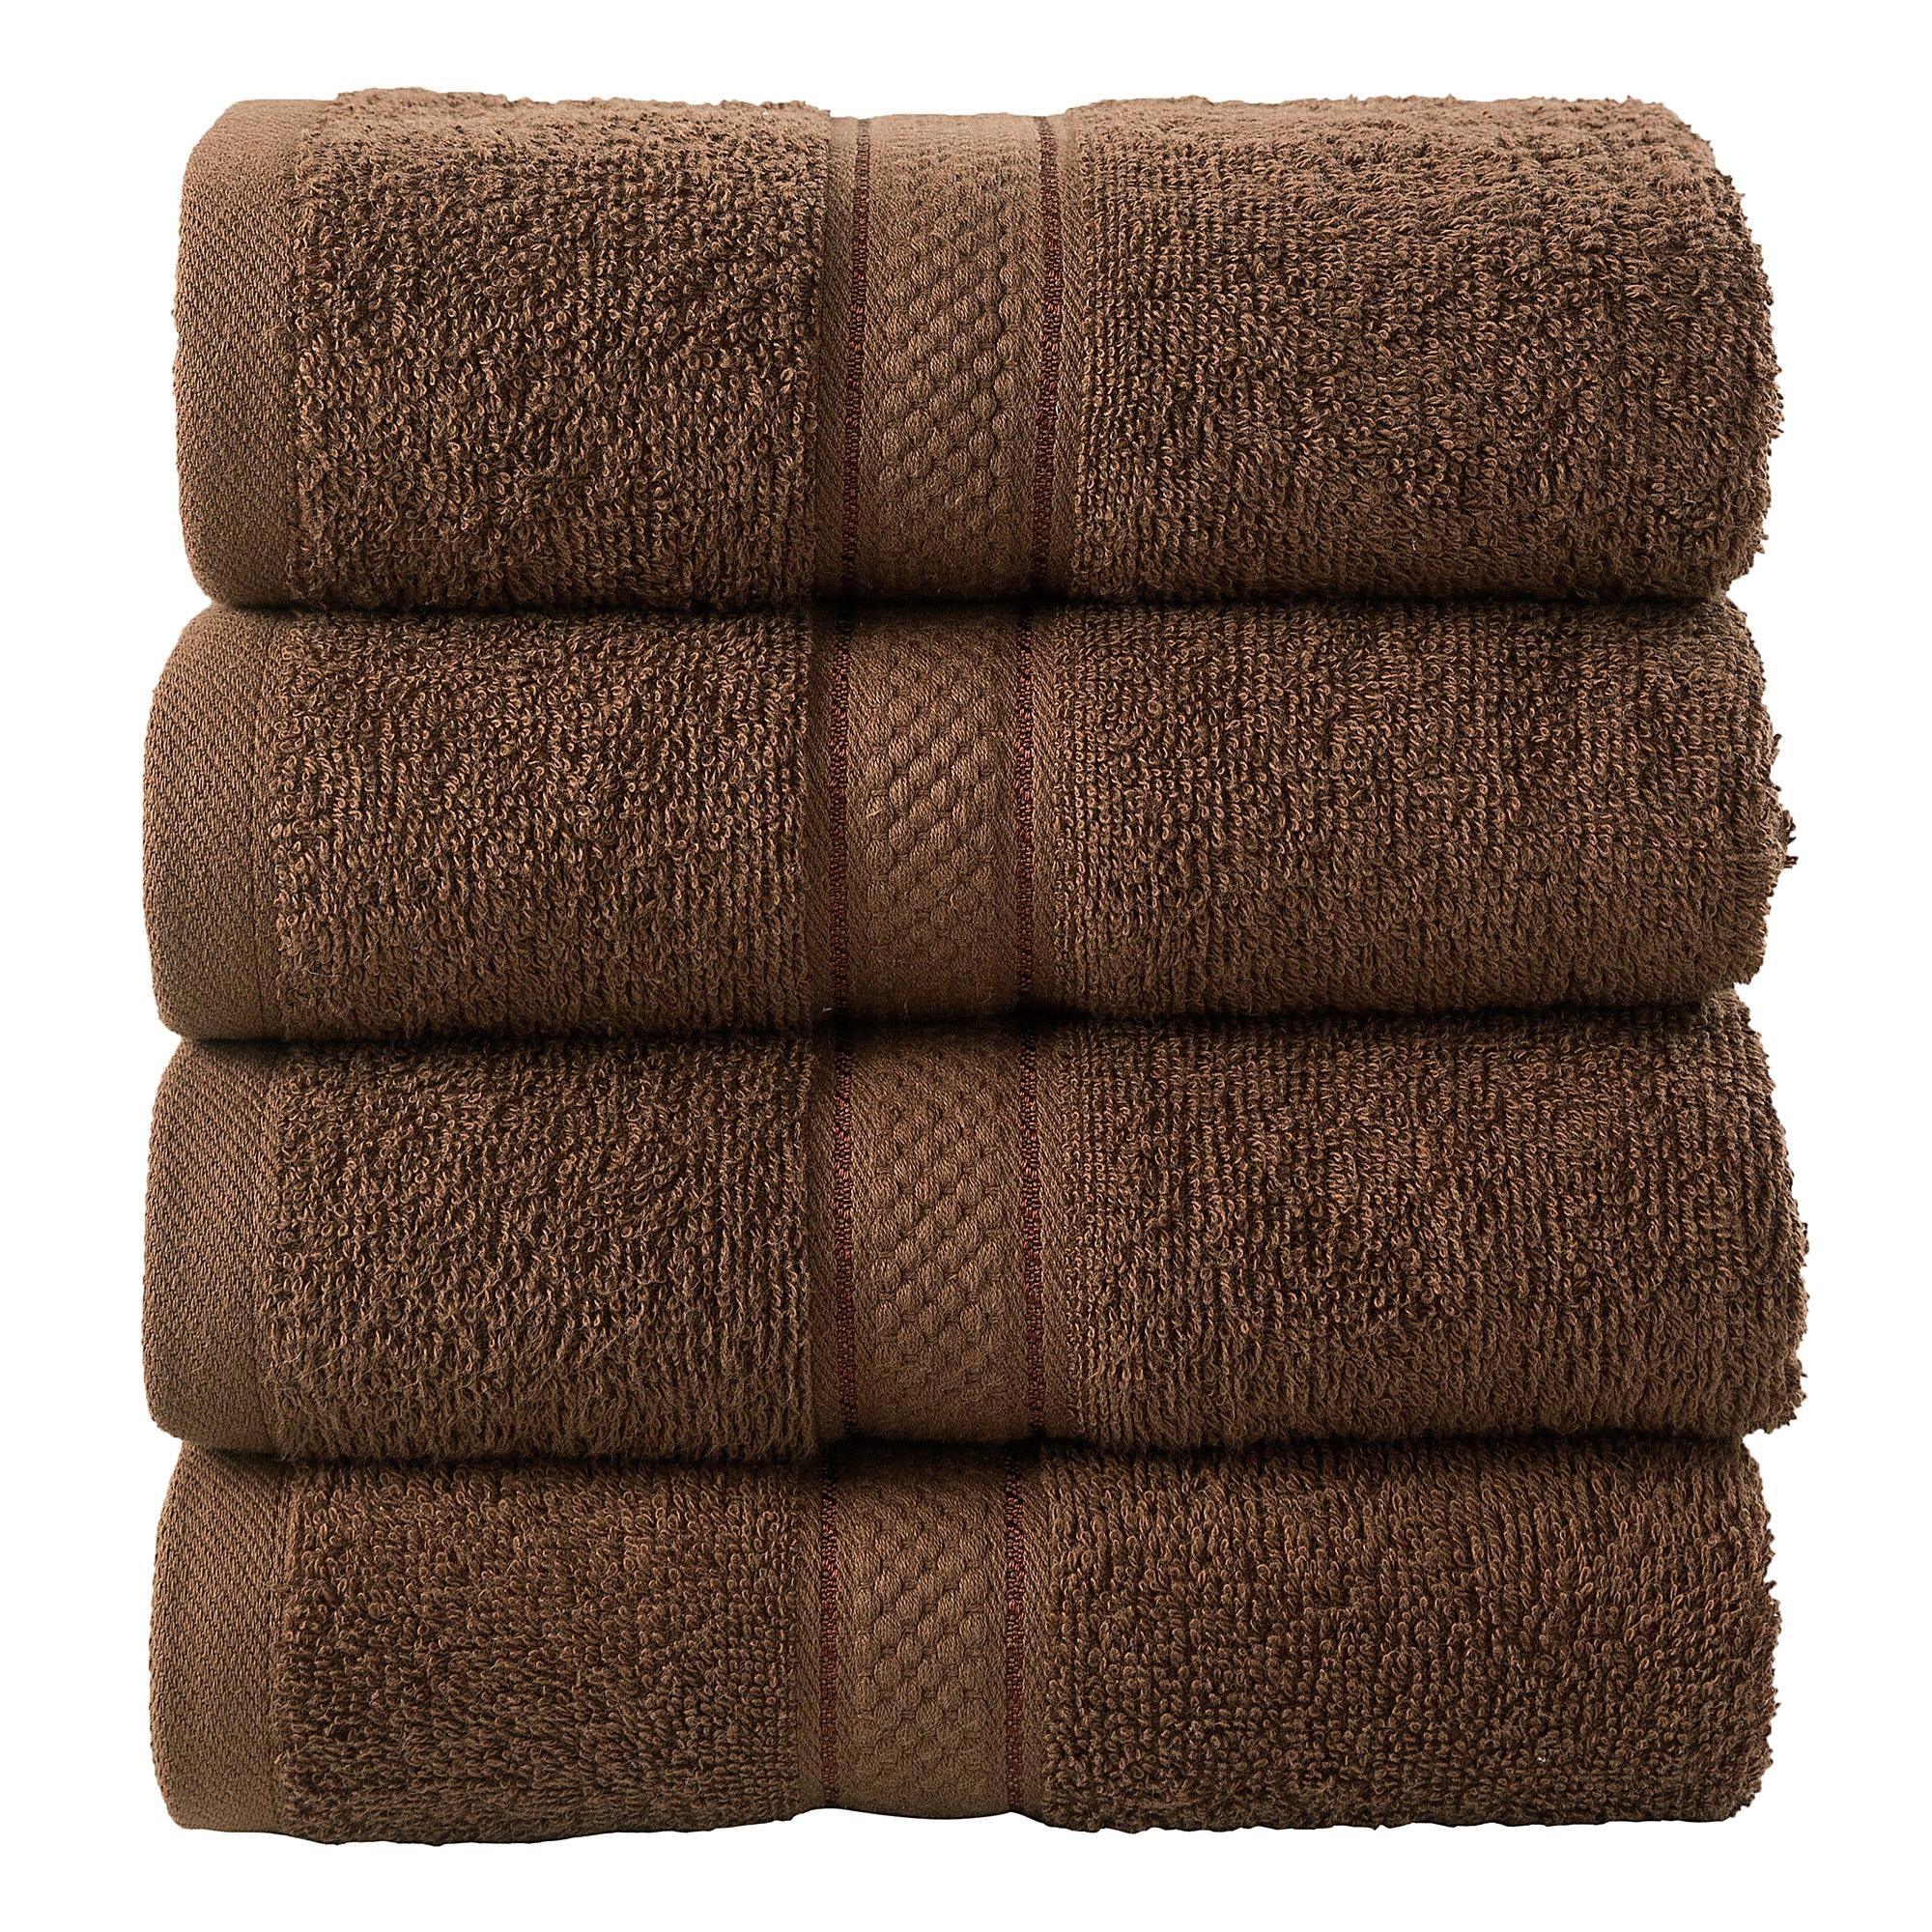 4 Pcs Hand Cotton Towel Bale Set Chocolate Plain